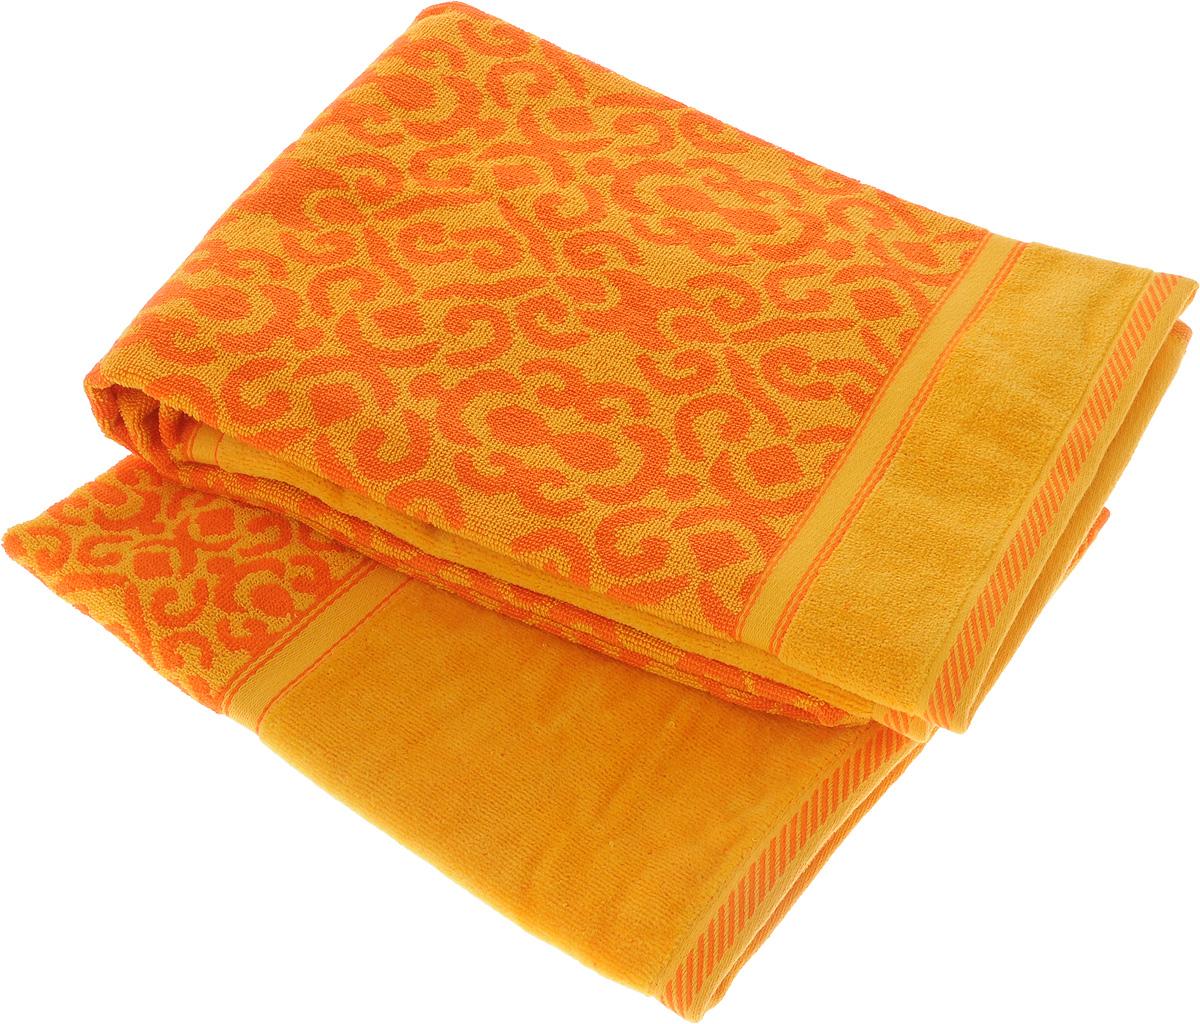 Набор махровых полотенец Toalla Флора, цвет: желтый, оранжевый, 2 шт92715461Набор Toalla Флора состоит из 2 прямоугольных махровых полотенец, выполненных из 100% хлопка. Ткань полотенец обладает высокой плотностью и мягкостью, отличается высоким качеством и длительным сроком службы. В процессе эксплуатации материал становится только мягче и приятней на ощупь. Египетский хлопок не содержит линта (хлопковый пух), поэтому на ткани не образуются катышки даже после многократных стирок и длительного использования. Сверхдлинные волокна придают ткани характерный красивый блеск. Полотенца отлично впитывают влагу и быстро сохнут. Такой набор красиво дополнит интерьер ванной комнаты и станет практичным приобретением. Полотенца оформлены изысканными узорами.